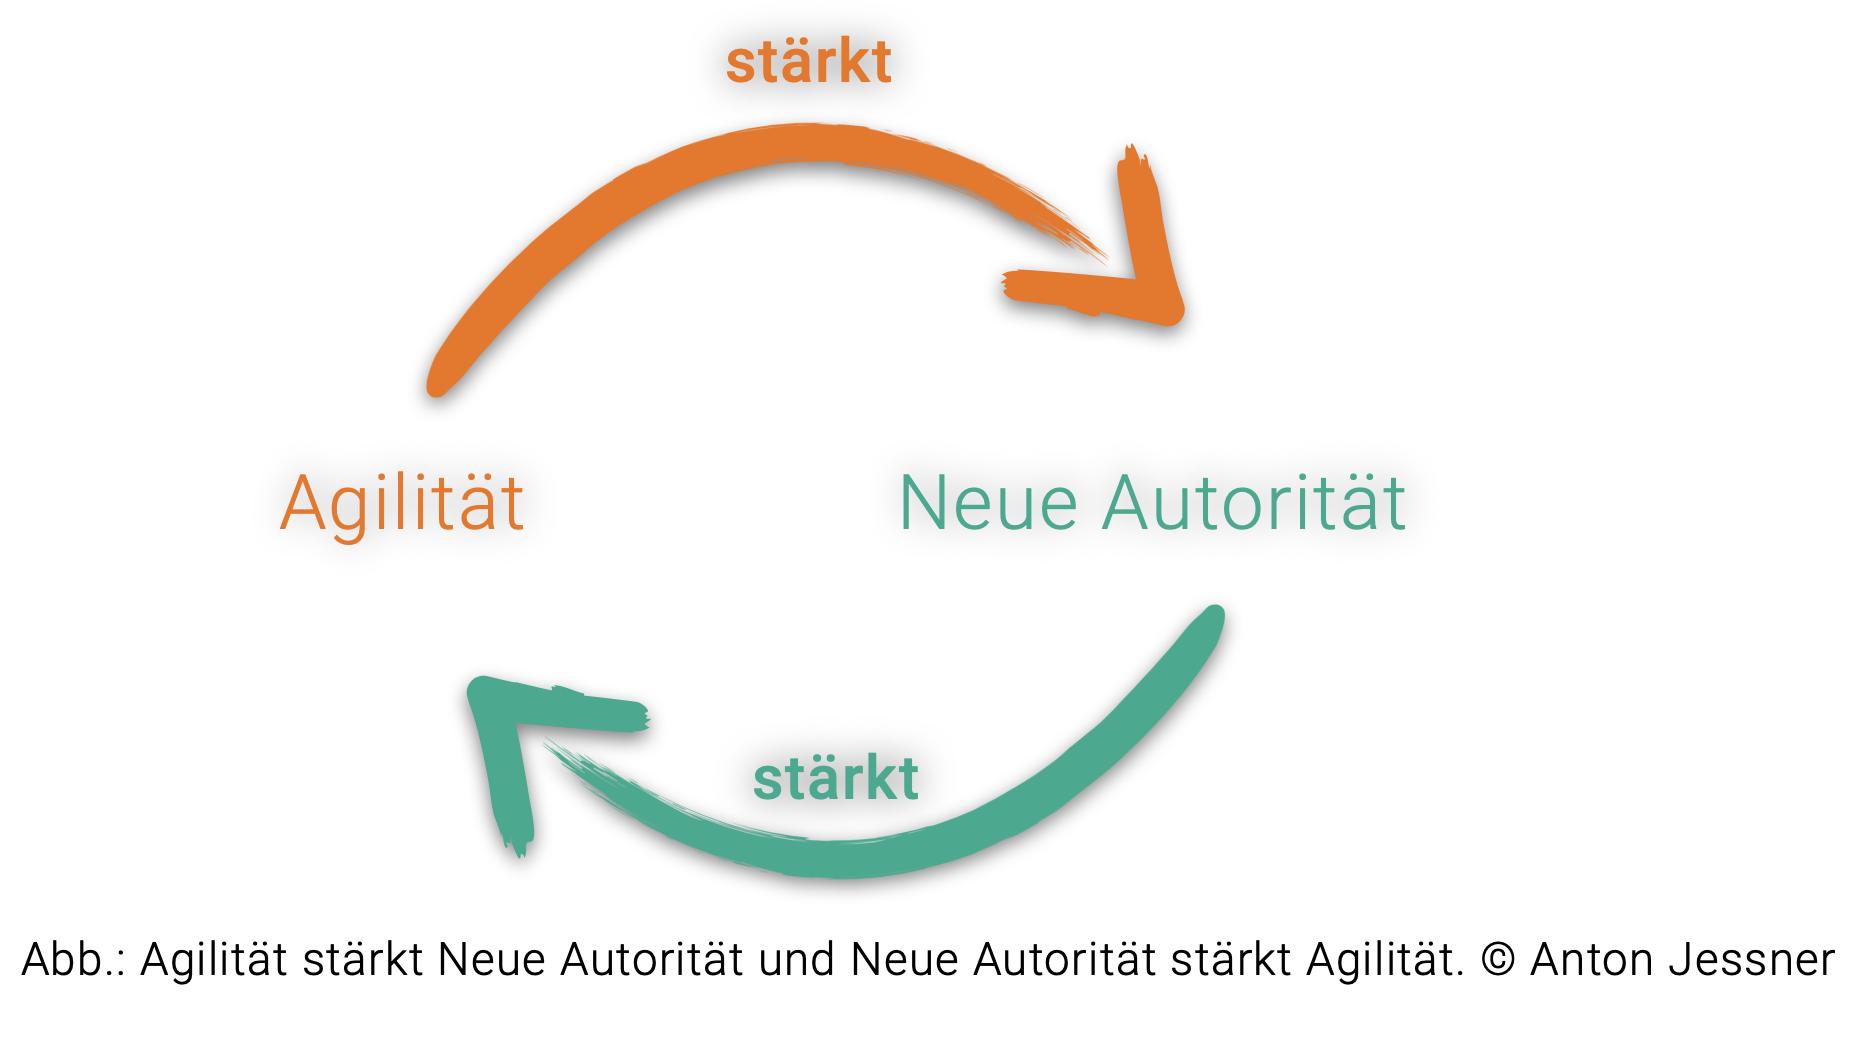 Agilität stärkt Neue Autorität und Neue Autorität stärkt Agilität. © Anton Jessner